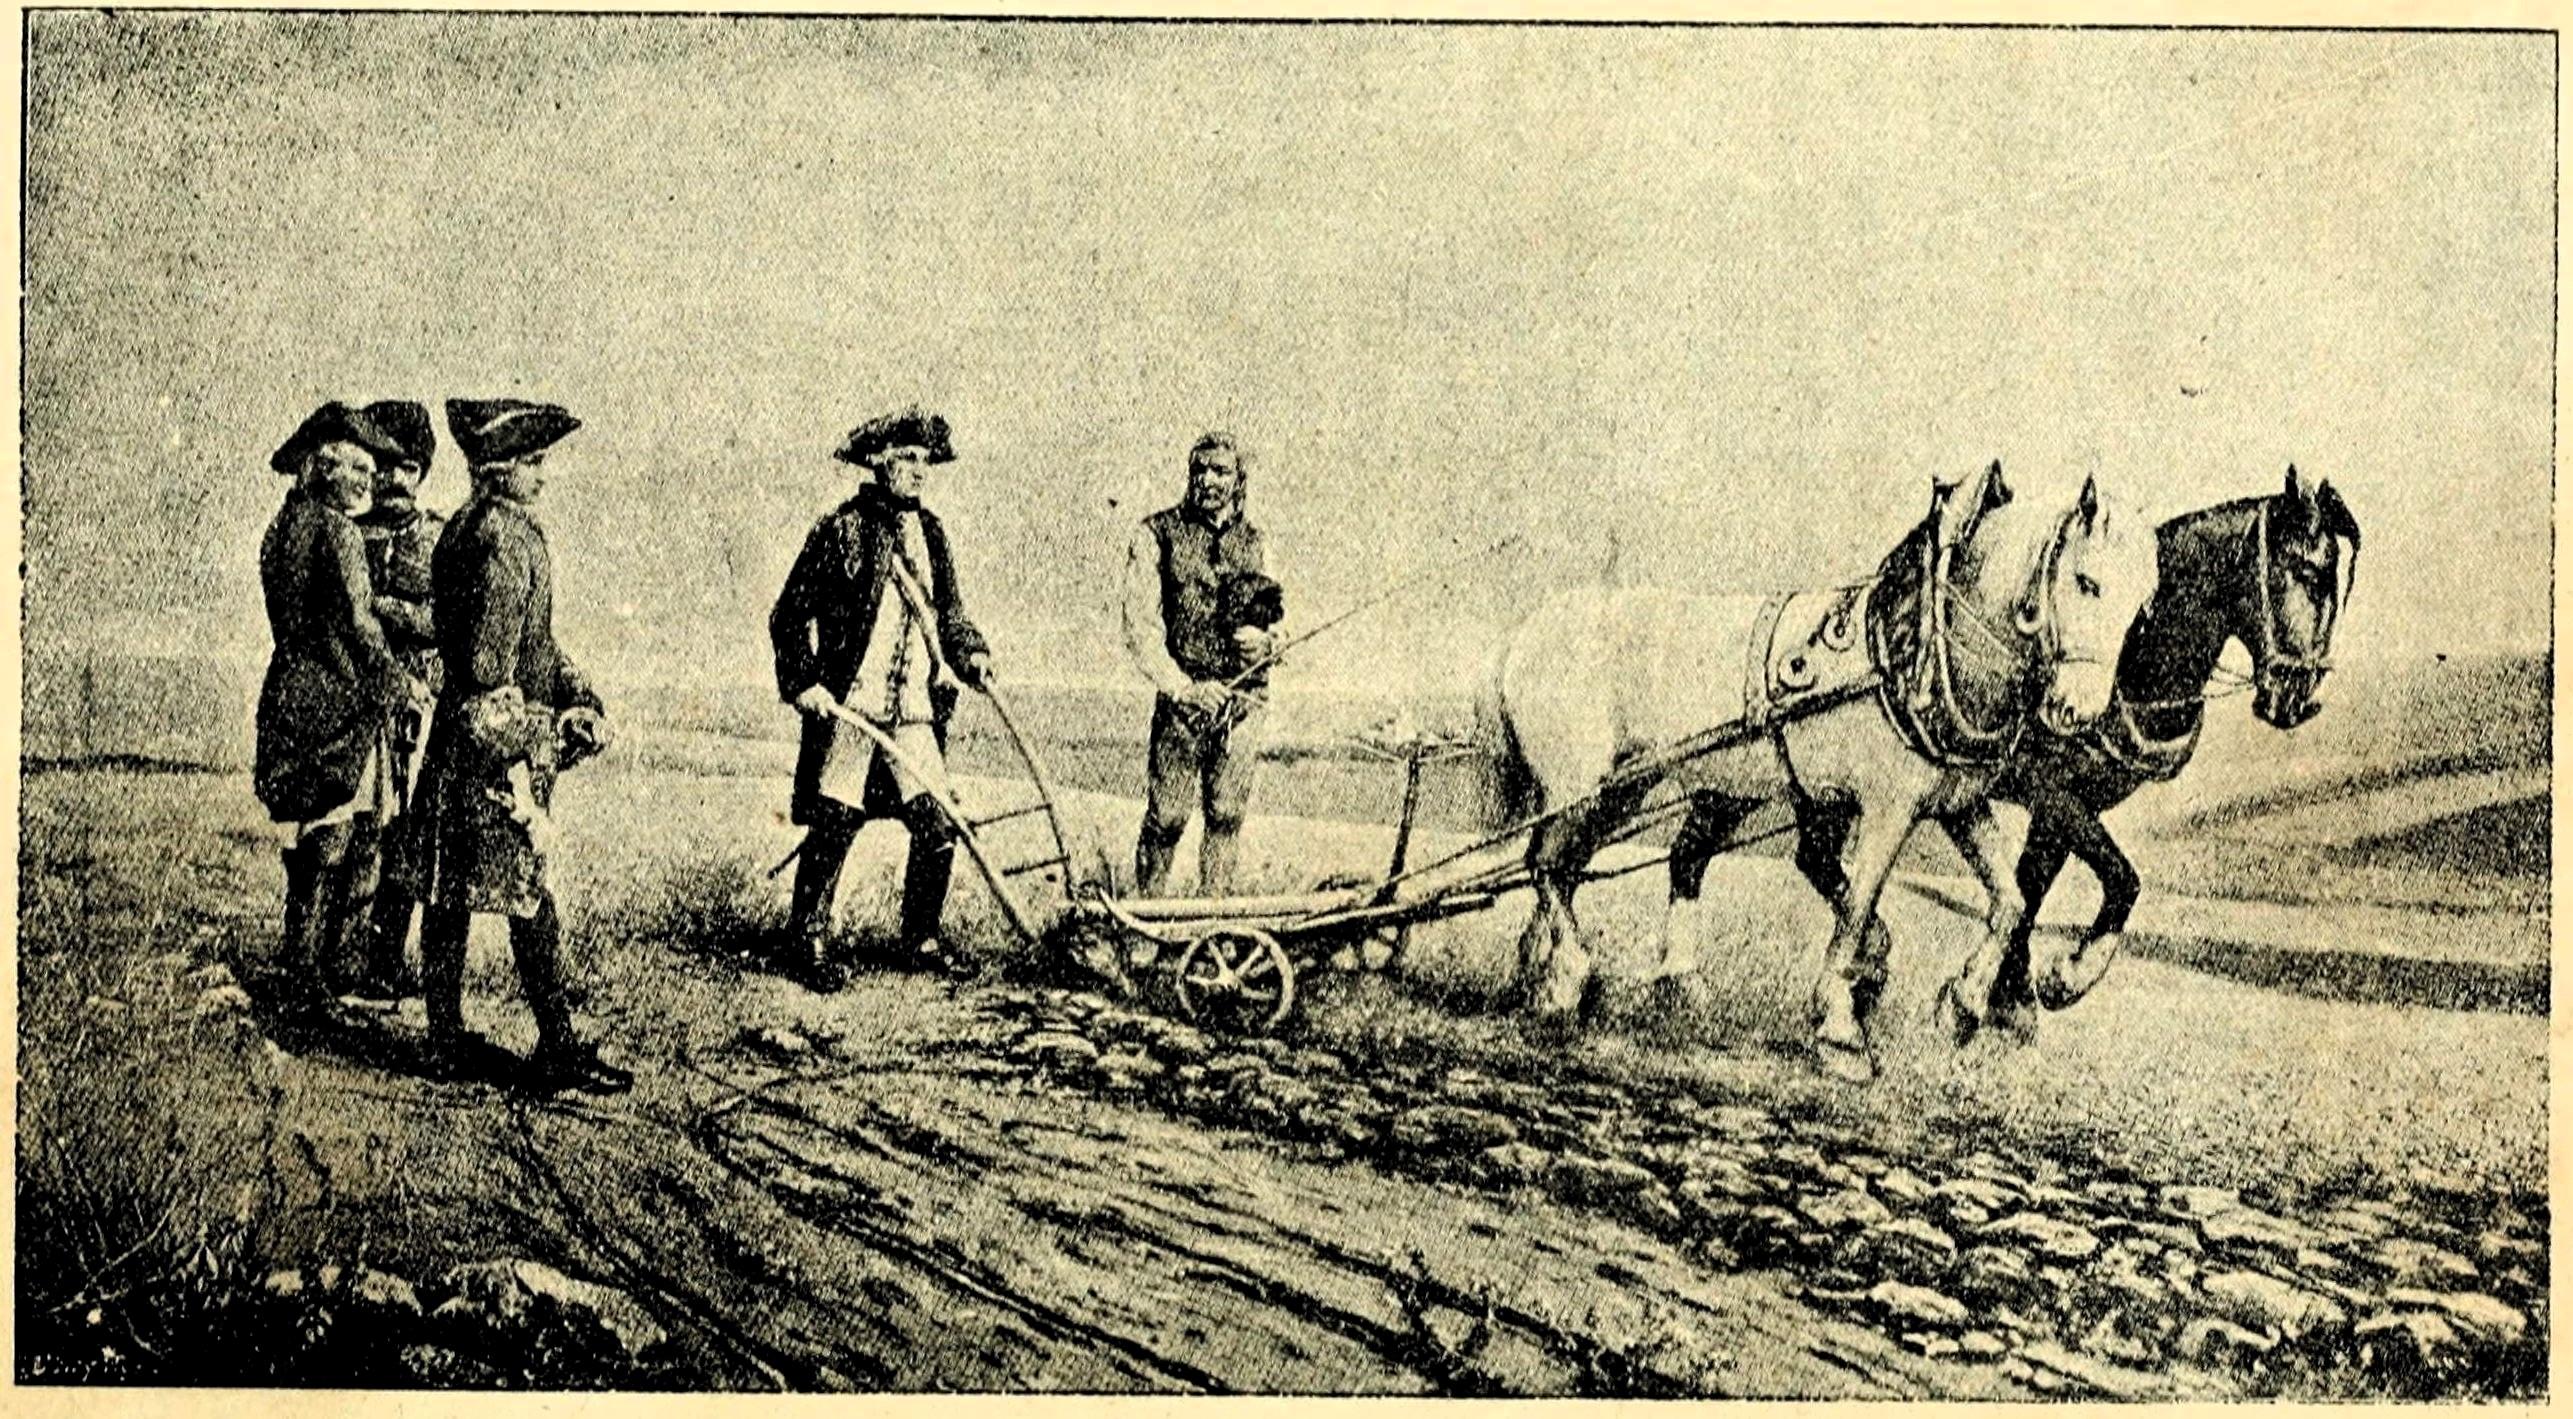 https://upload.wikimedia.org/wikipedia/commons/4/42/Joseph_II_is_plowing.jpg